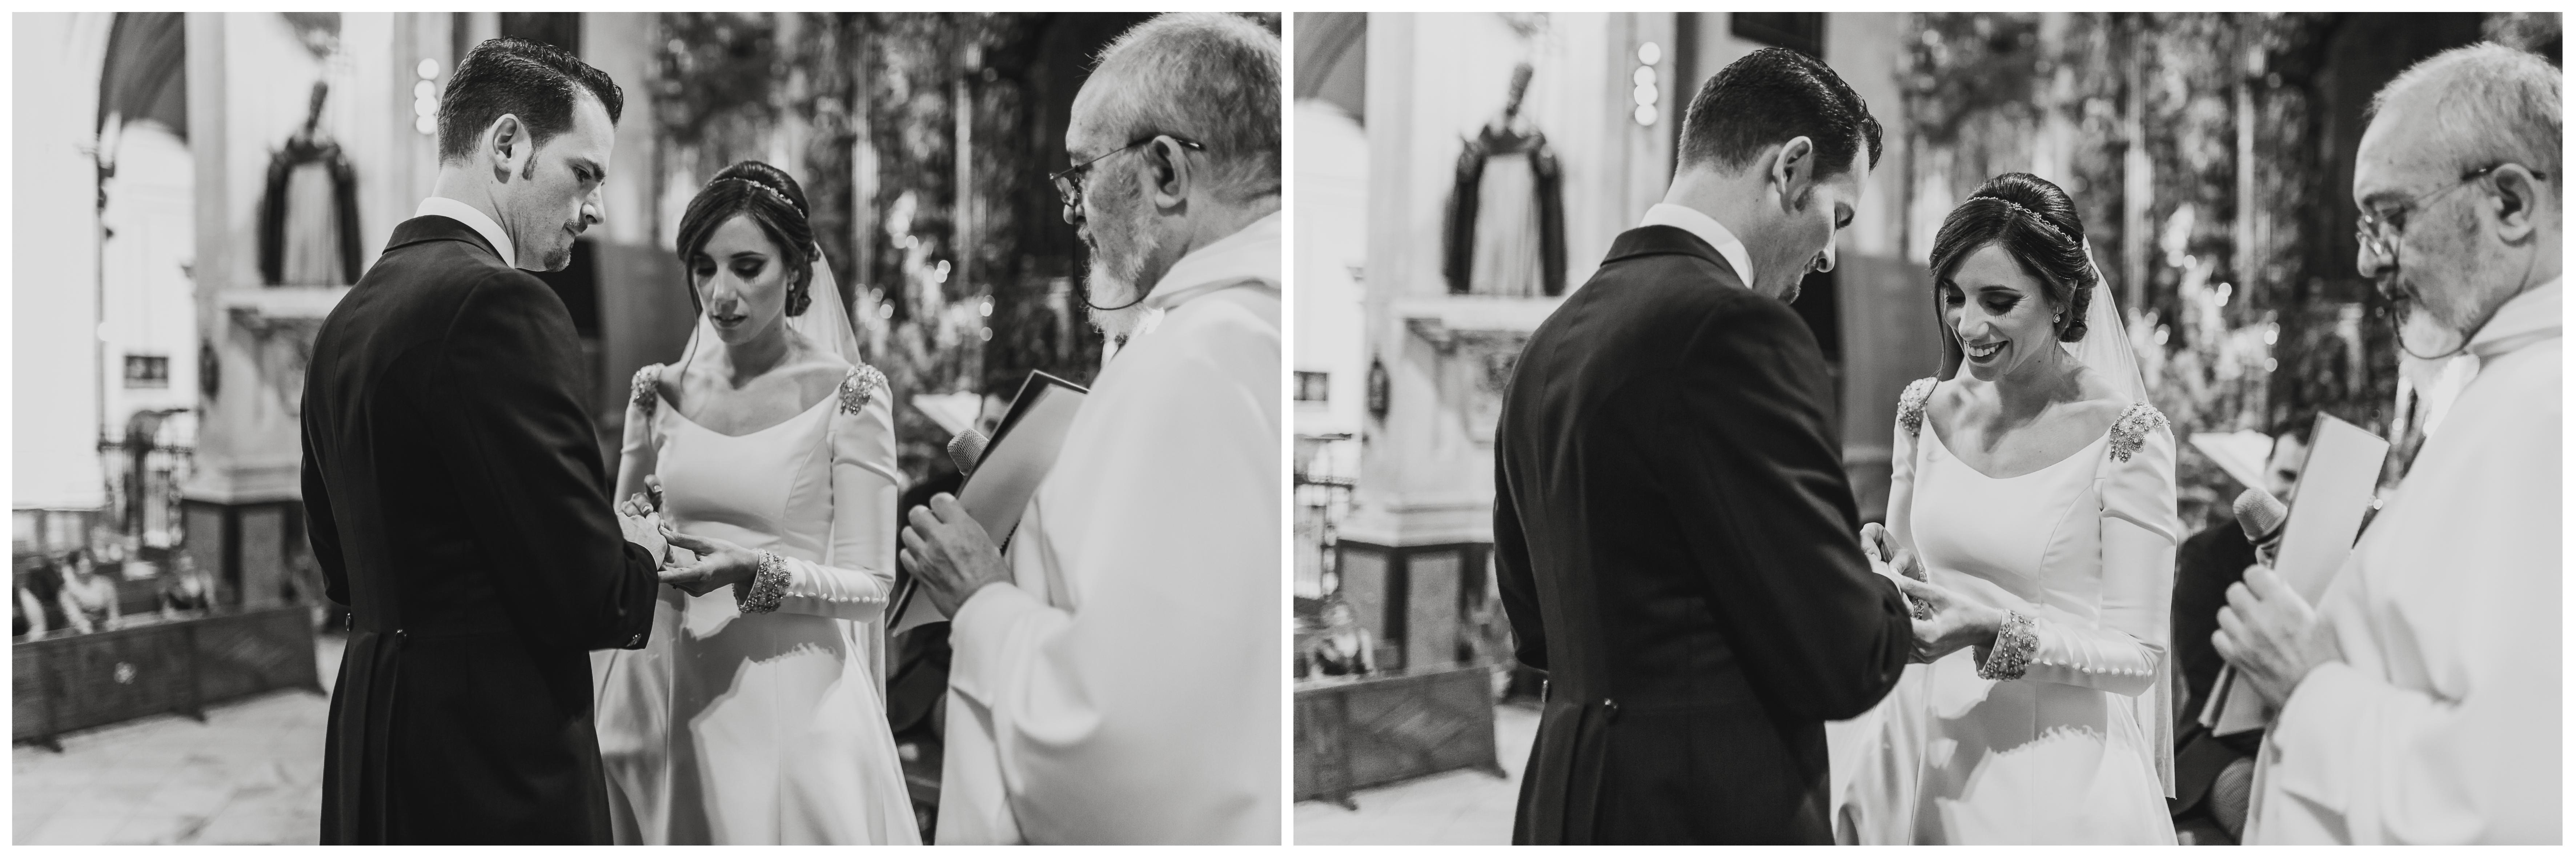 garate-fotografia-de-boda-en-Granada (32)